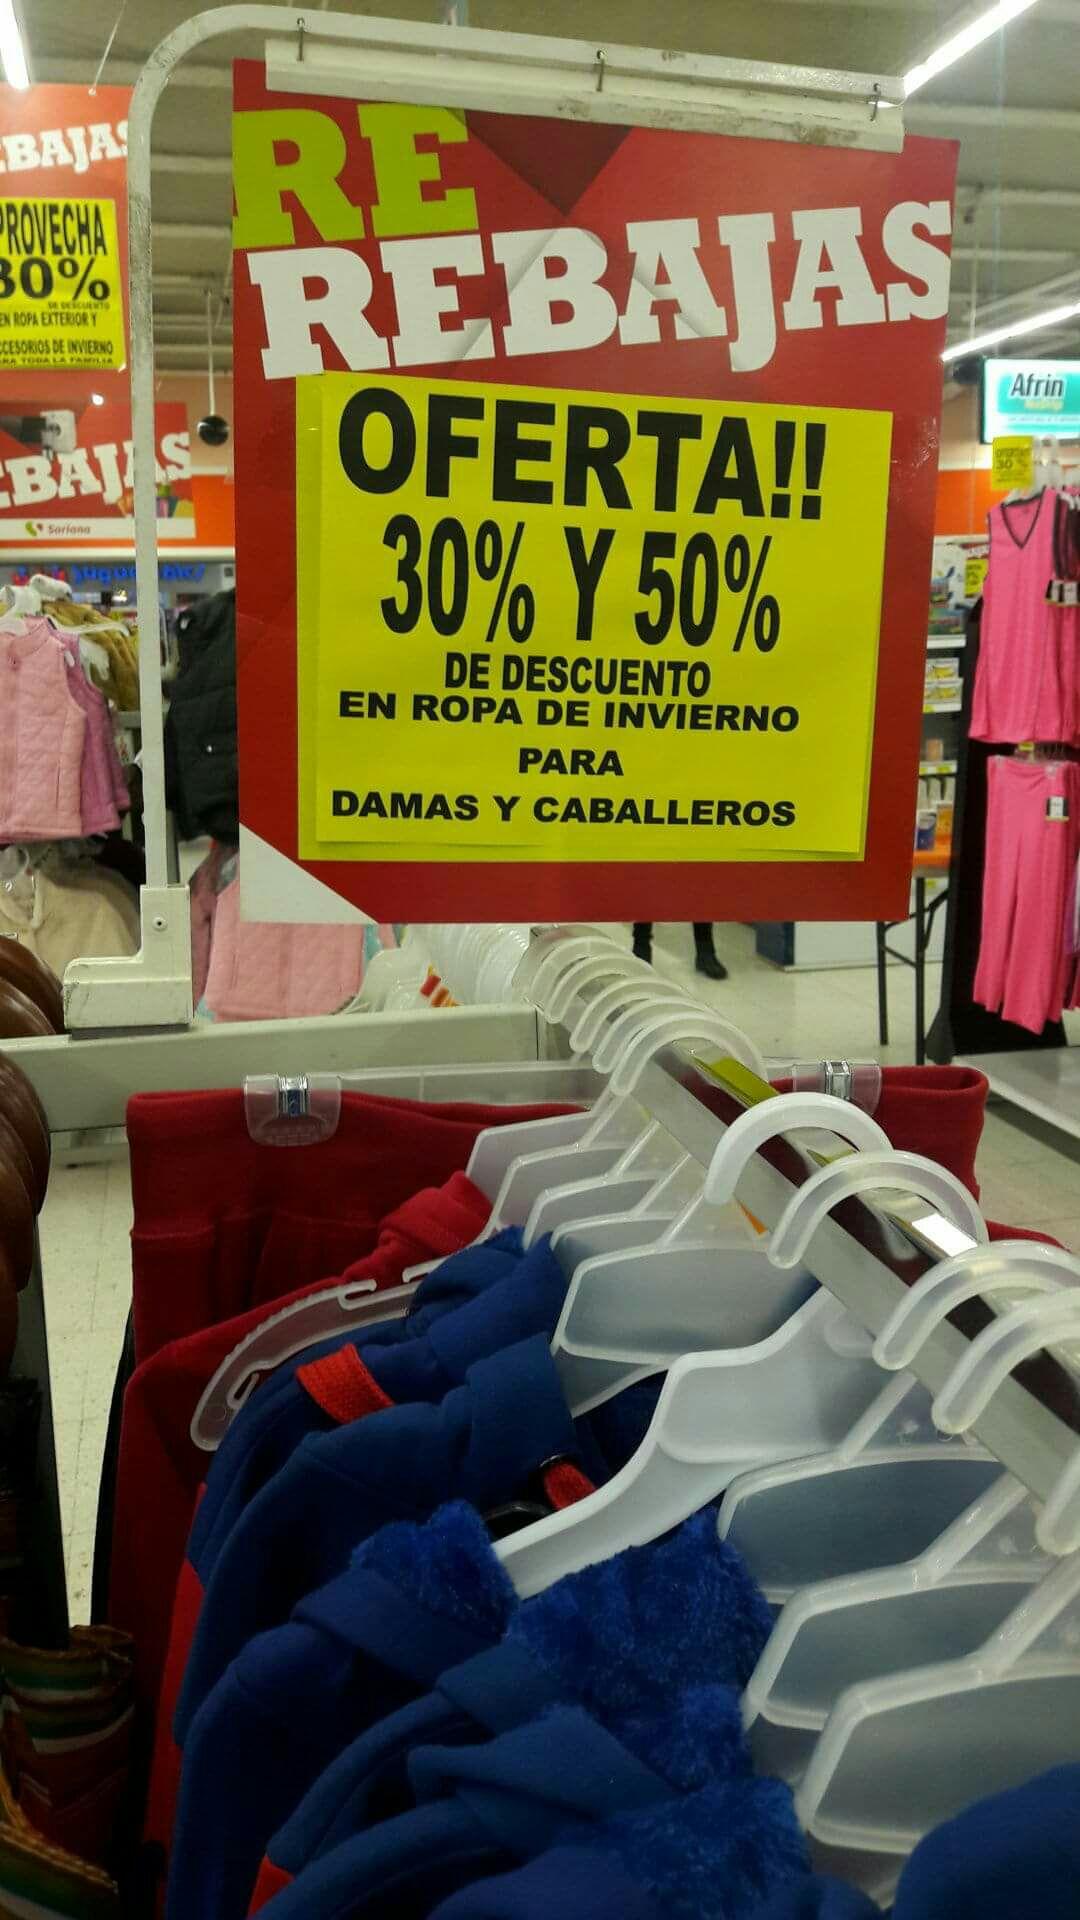 Soriana Buenavista: Varias prendas como chamarras, abrigos, chalecos con 30% o 50% de descuento